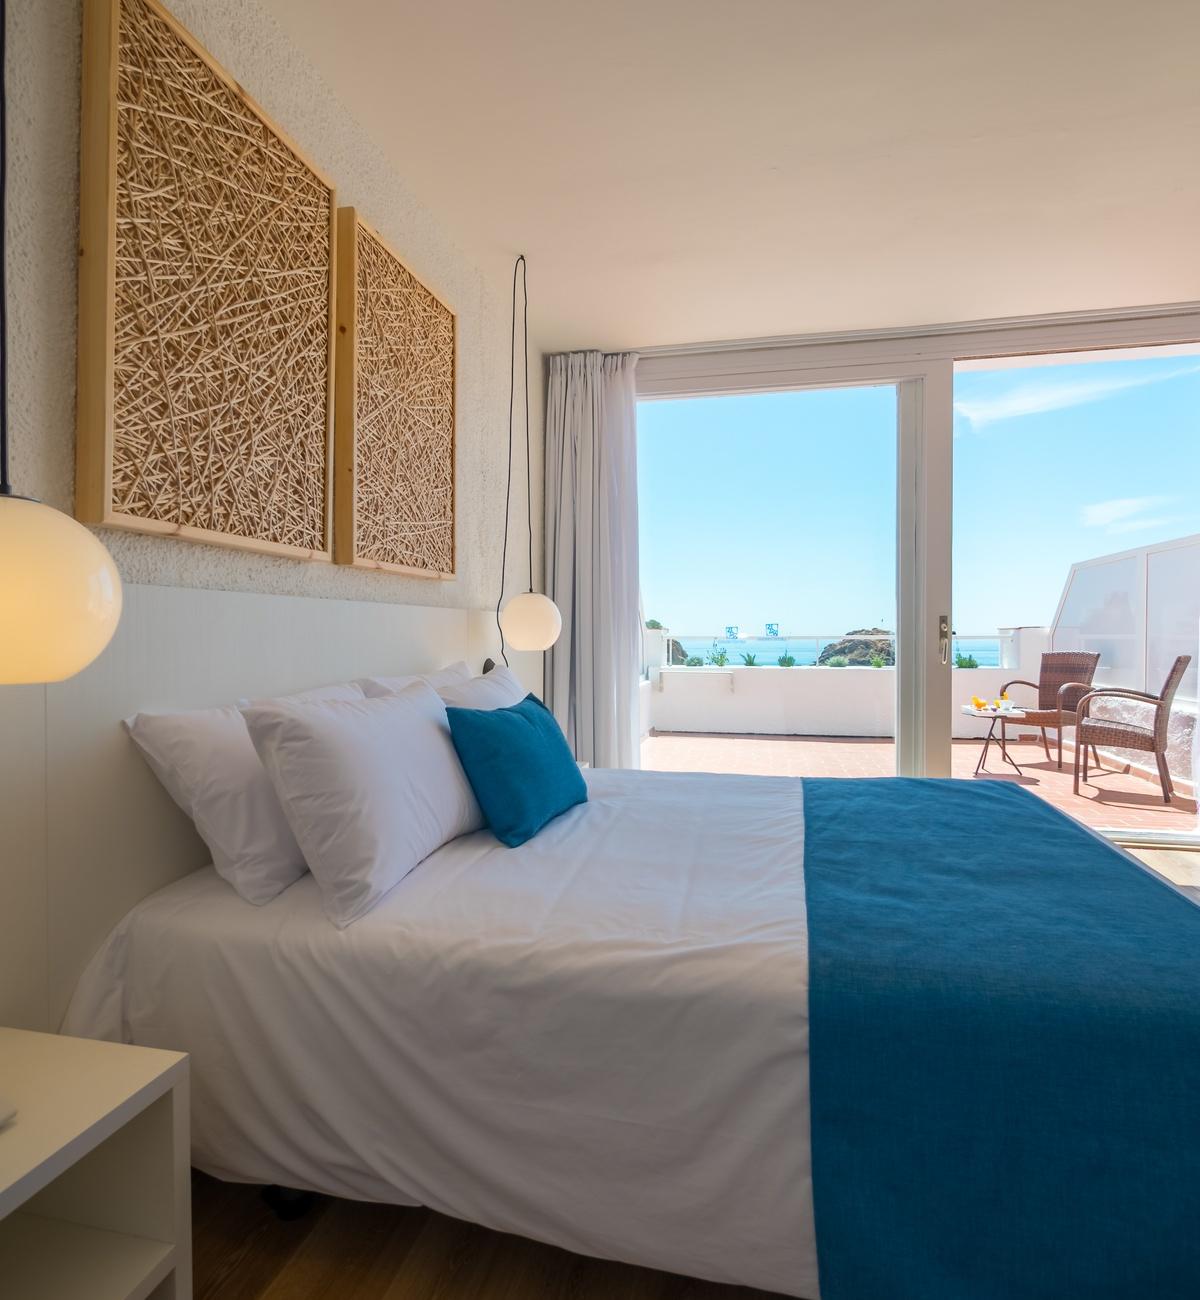 Habitación premium vista mar superior terraza